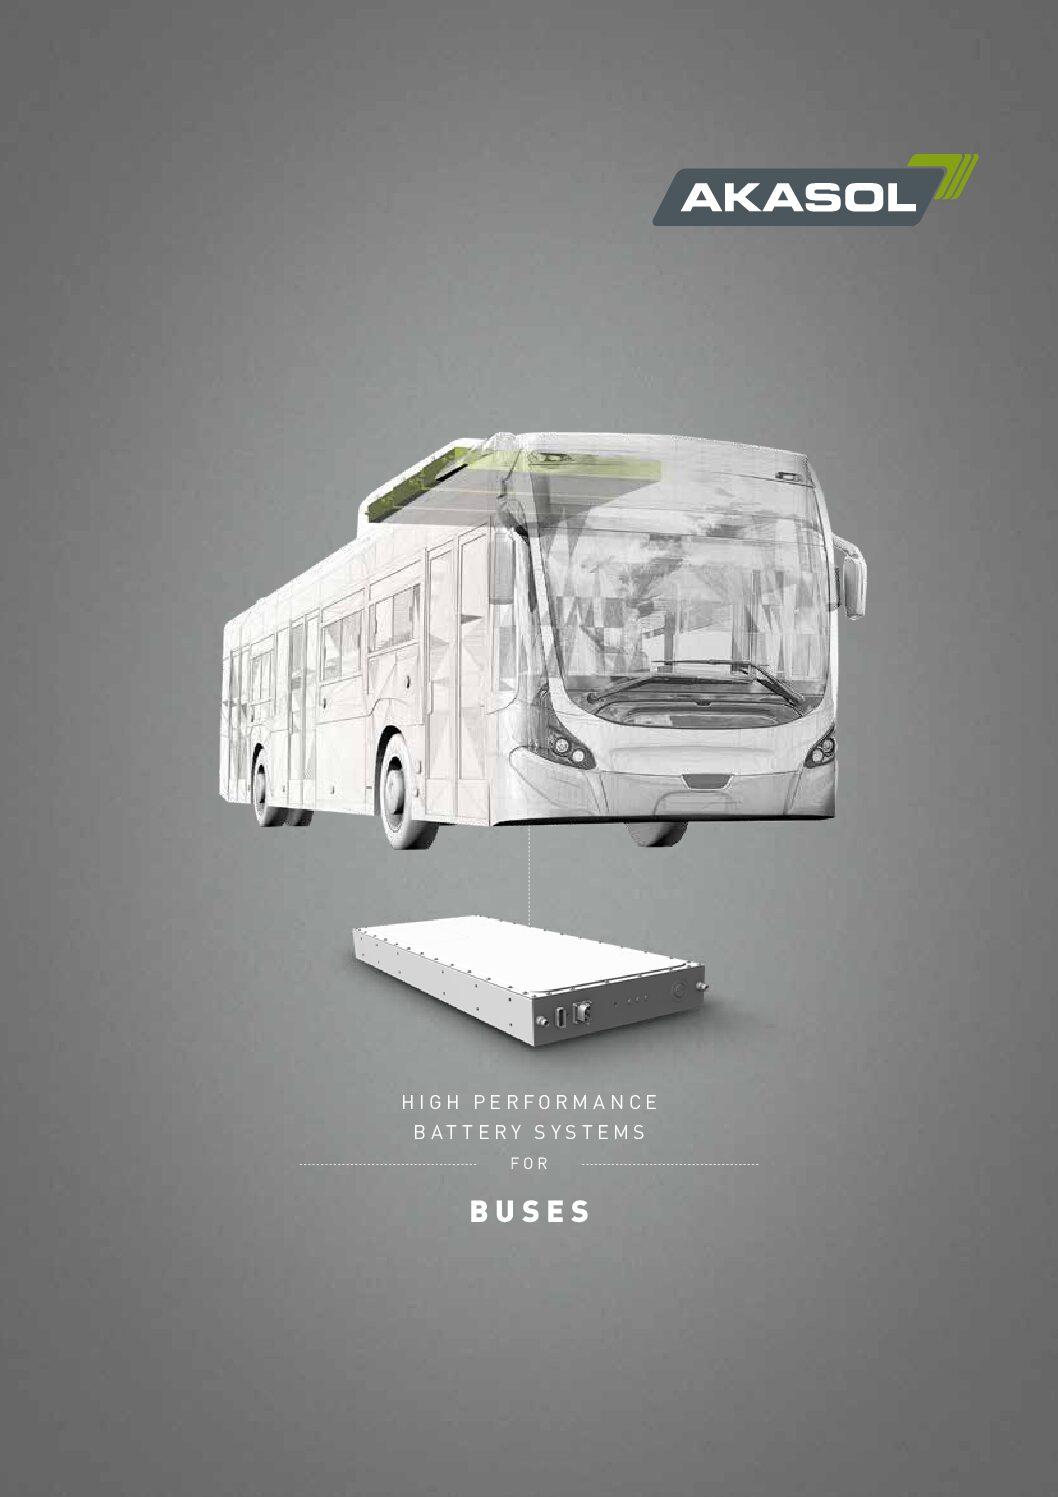 AKASOL Bus Applications